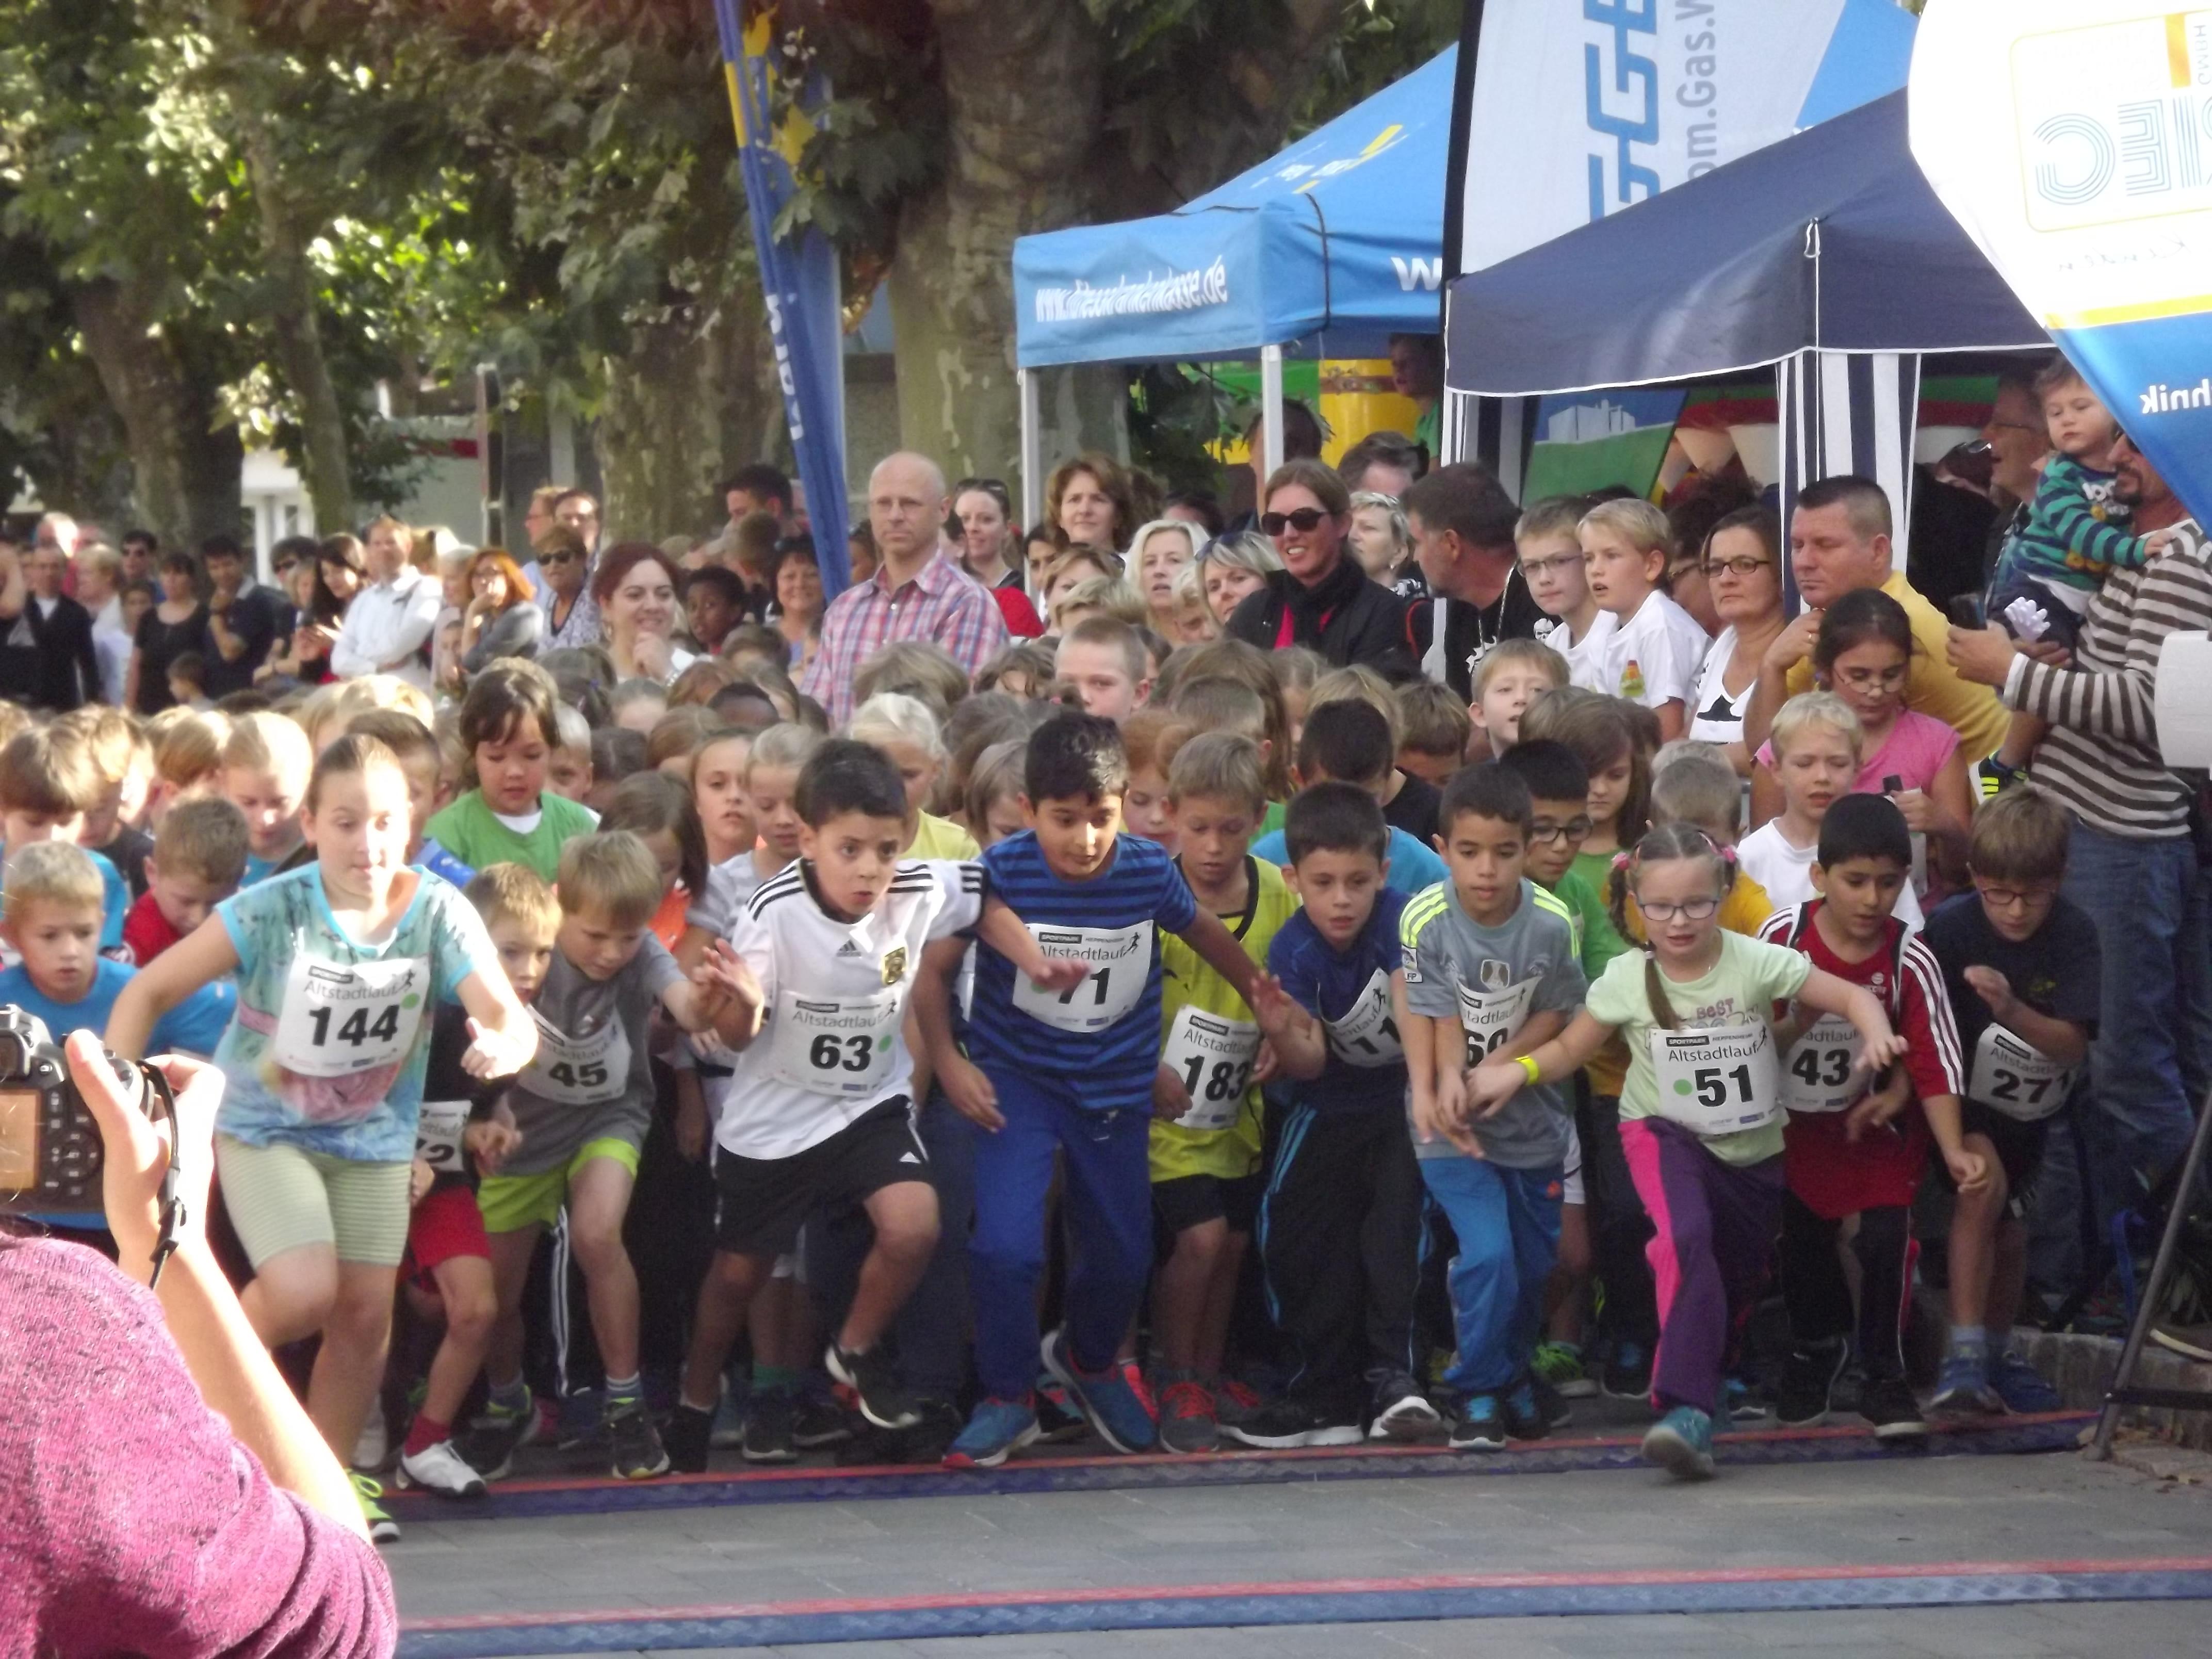 Sportpark Heppenheim Altstadtlauf 2015